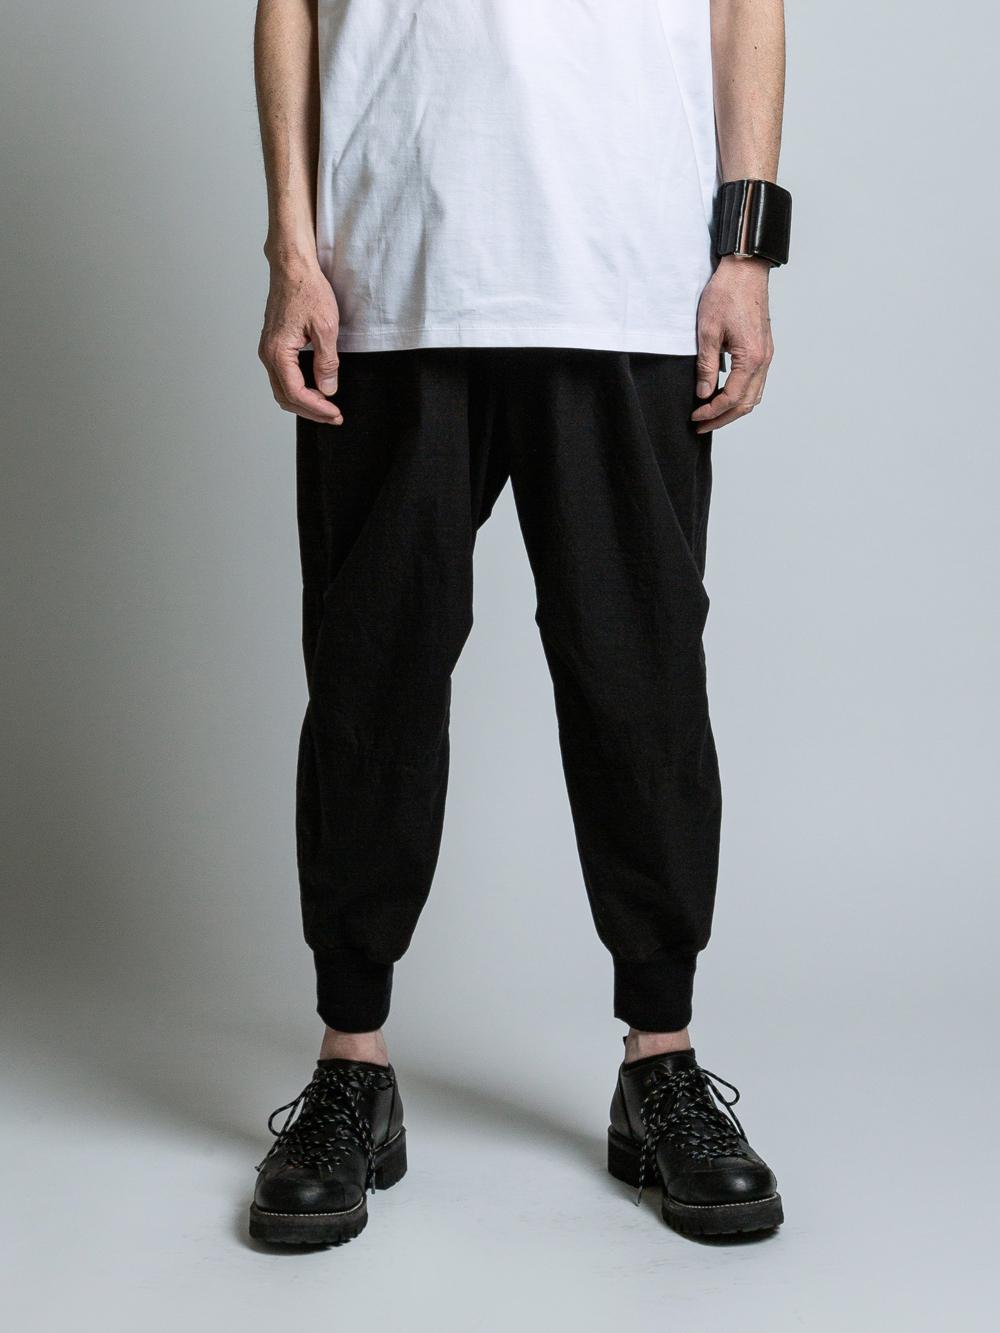 VI-SP-063-04 / コットン裾リブイージーパンツ